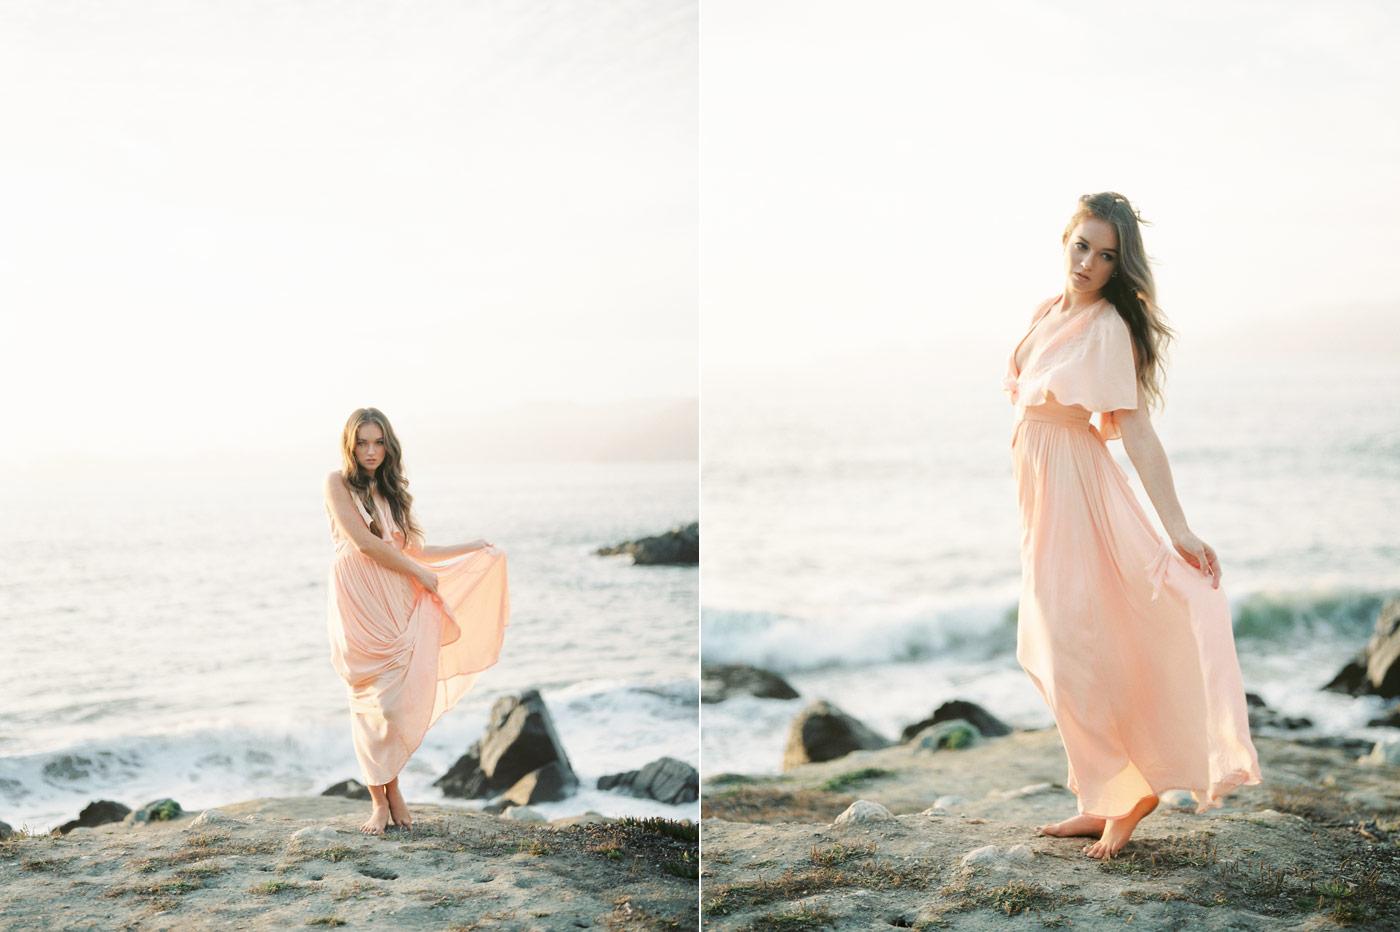 SF Marshall's Beach Portrait Photos